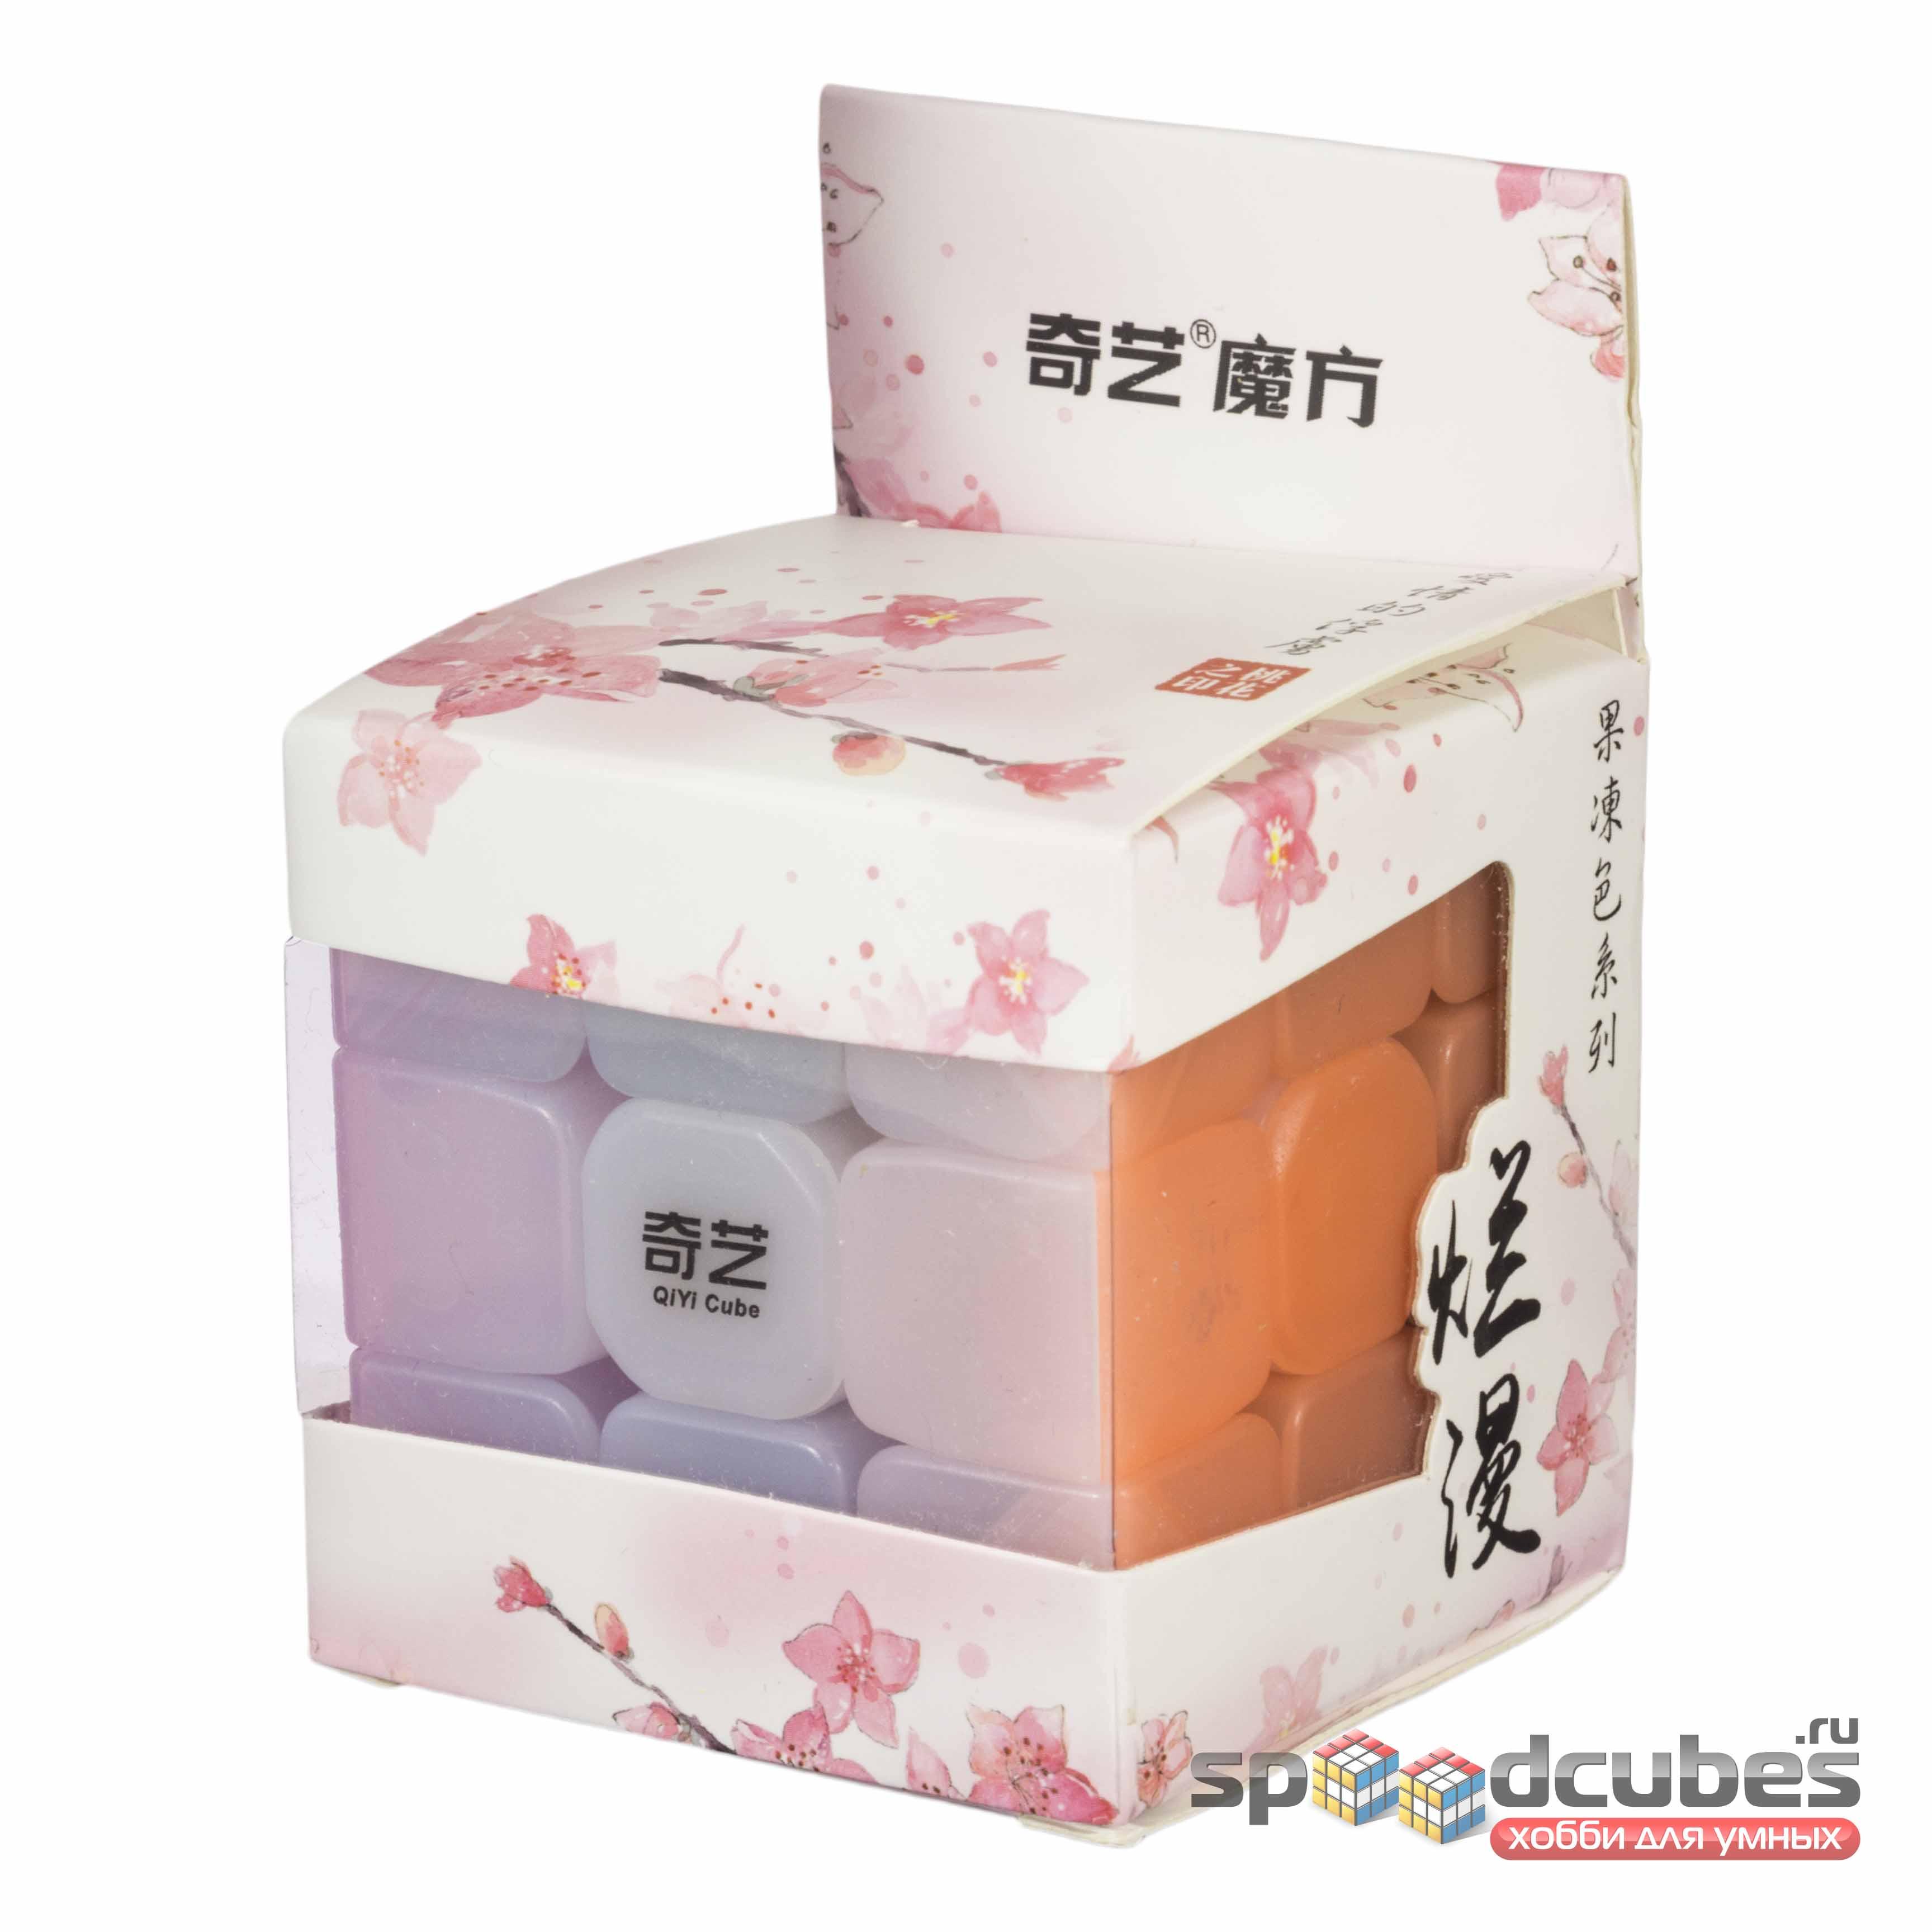 QiYi (MoFangGe) 3x3x3 Jelly Cube 1